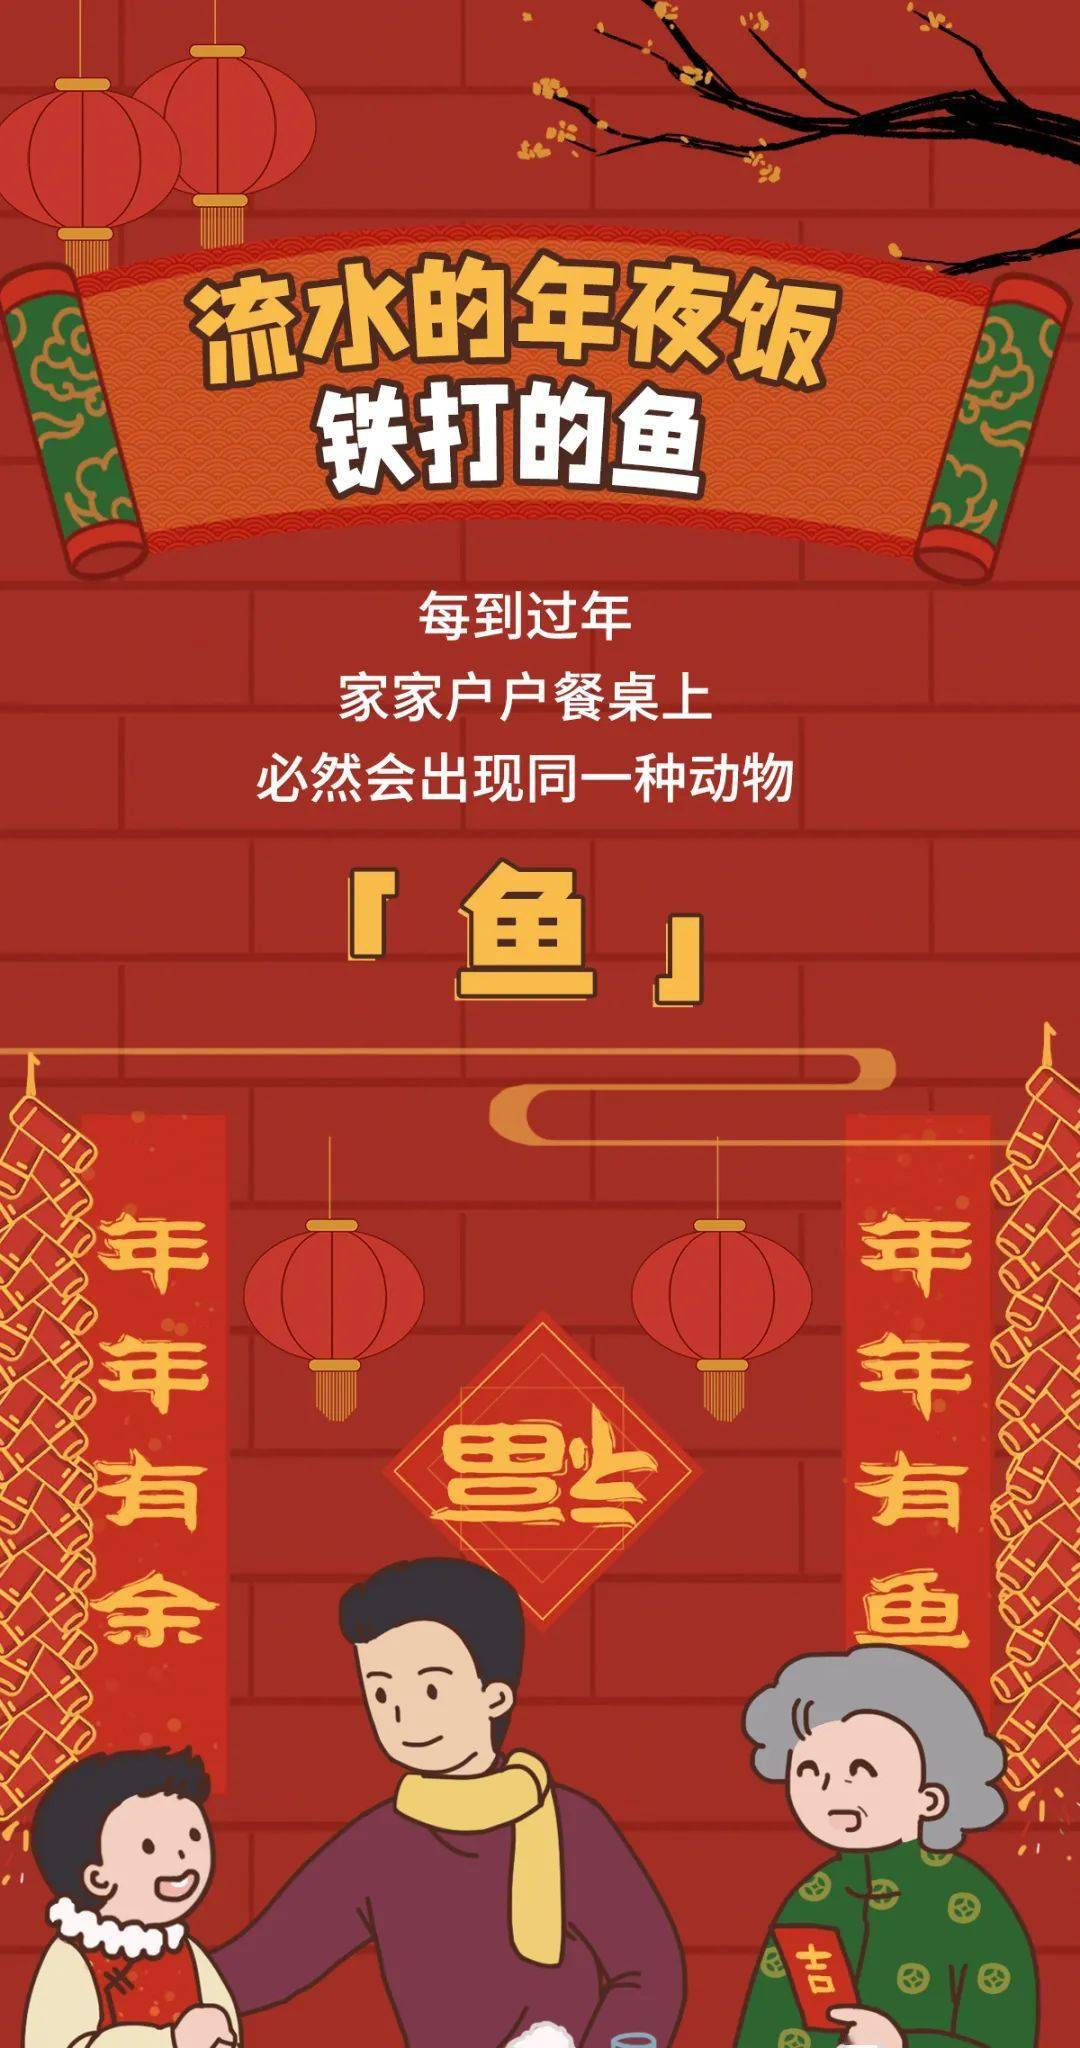 吳謙:2021年中國國防預算提高平穩適當